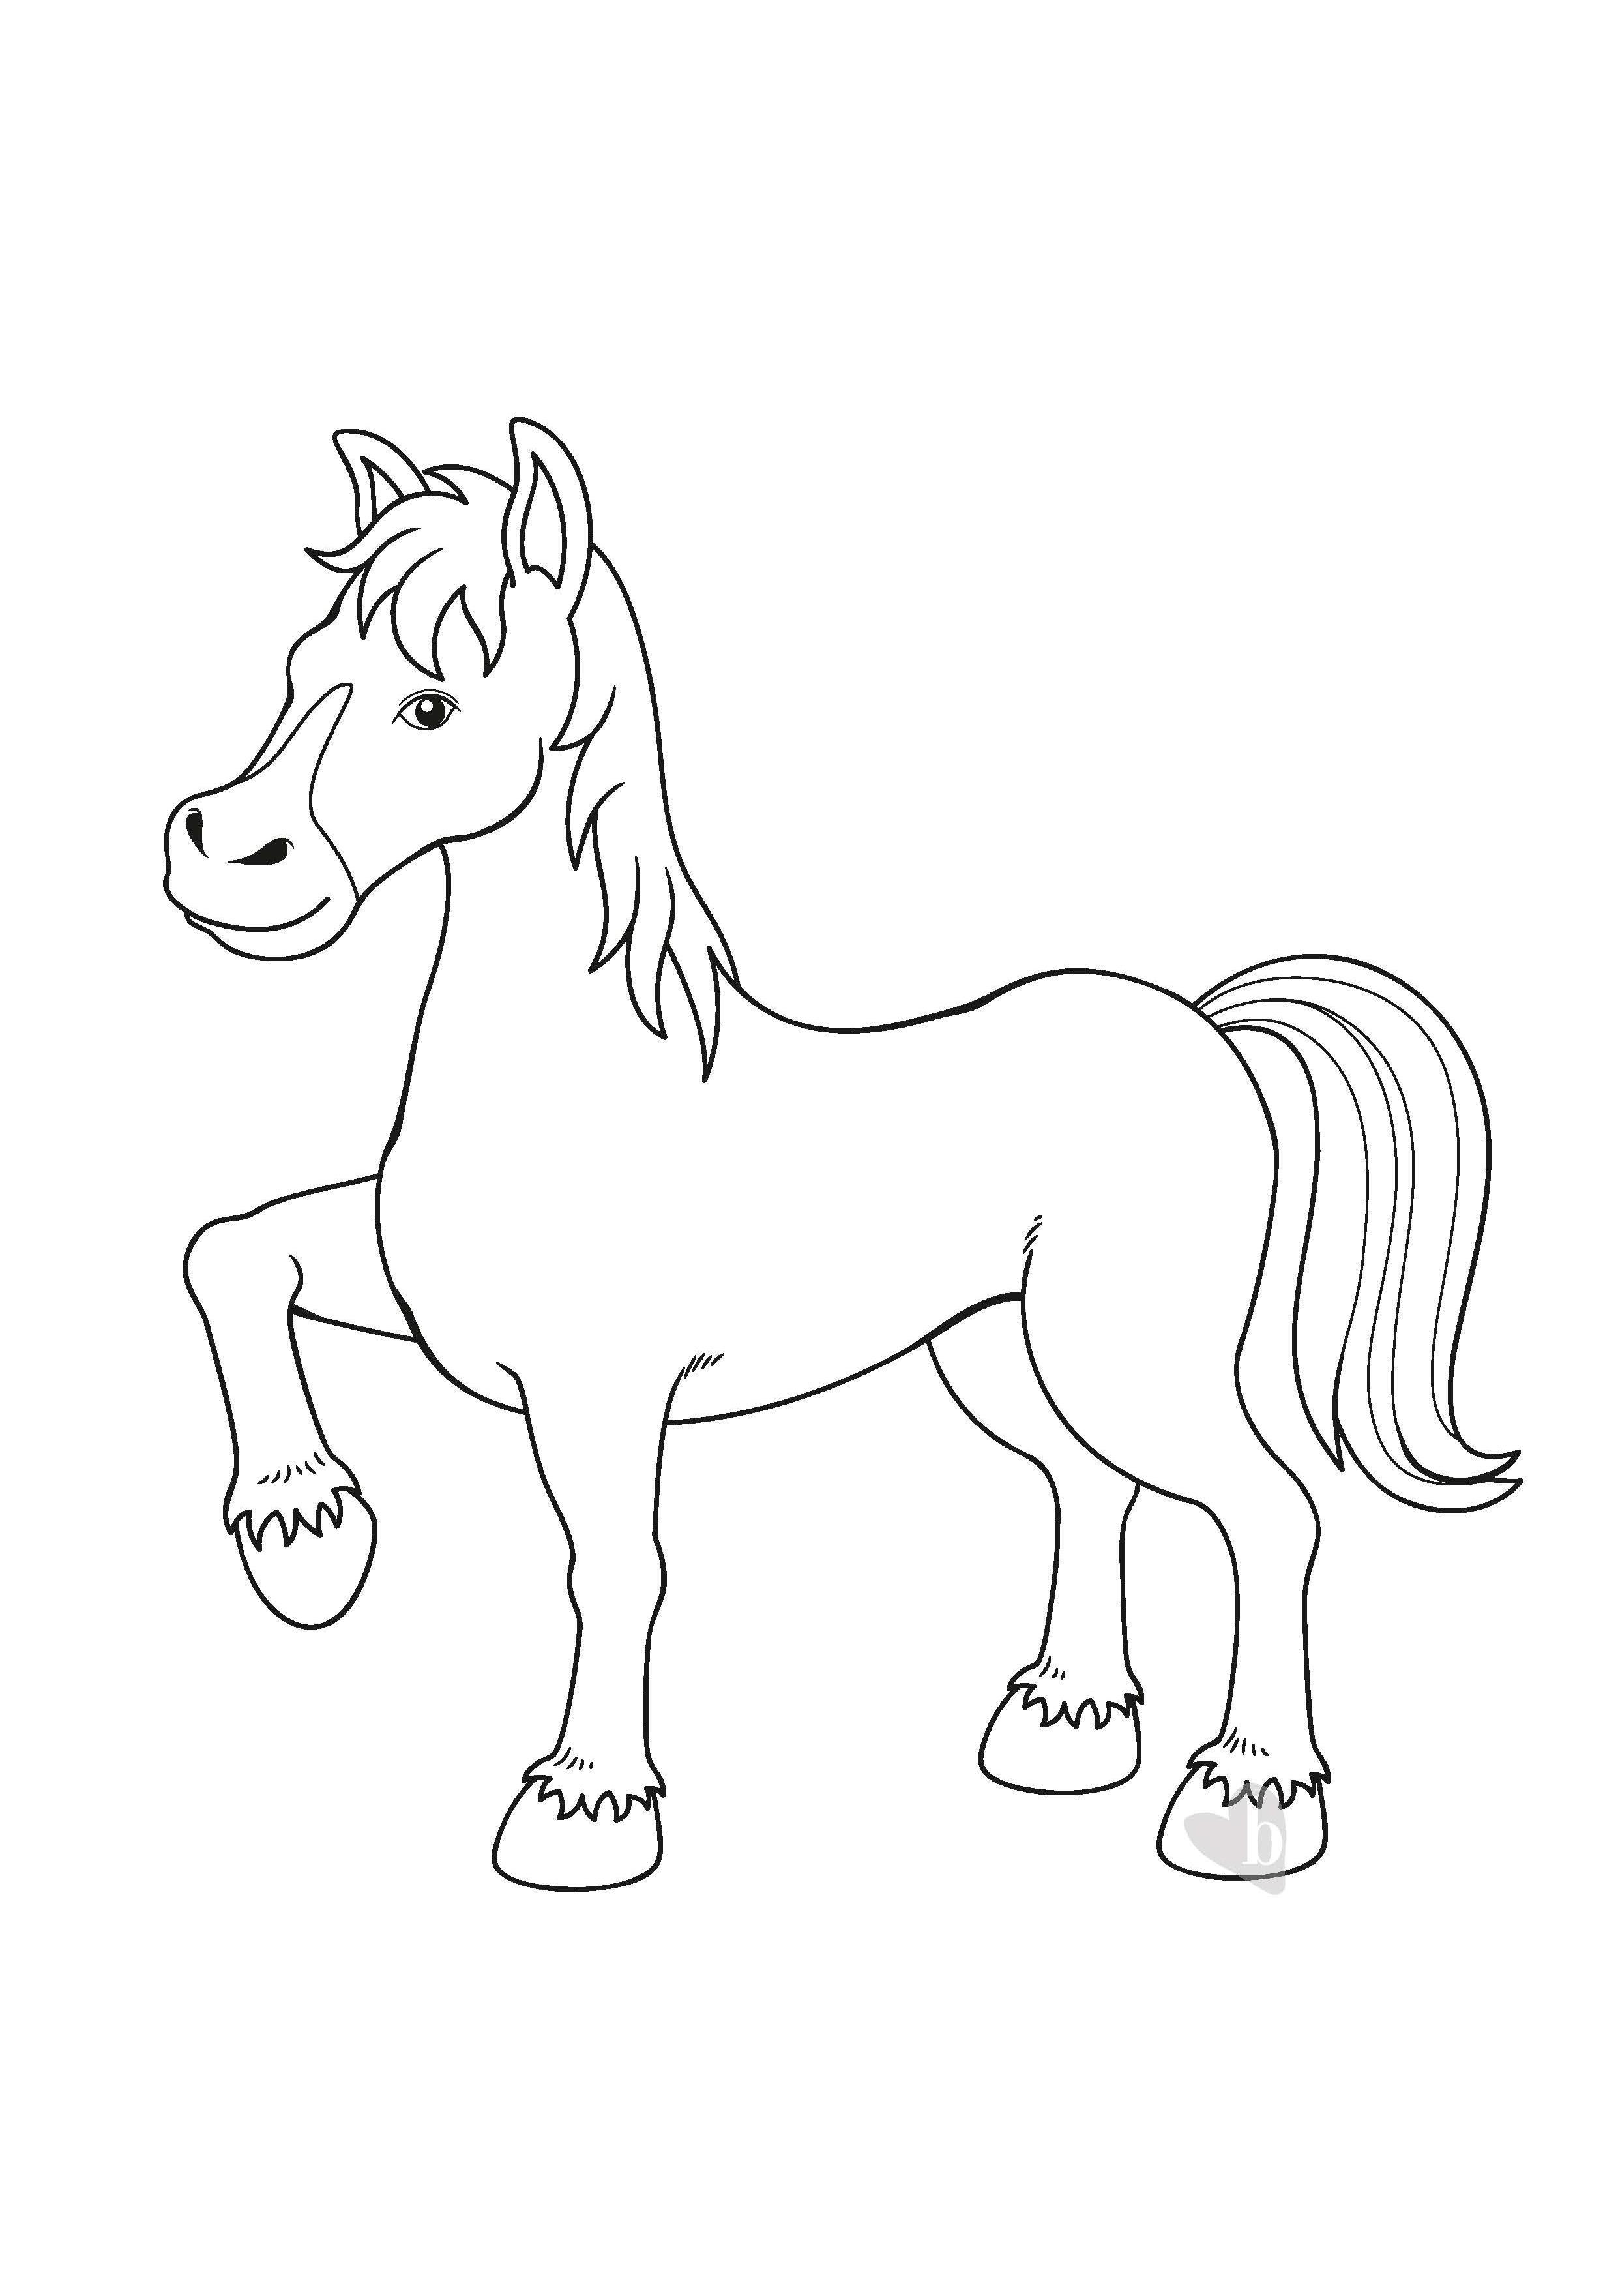 Cavallo bimbi sani e belli for Disegno cavallo stilizzato